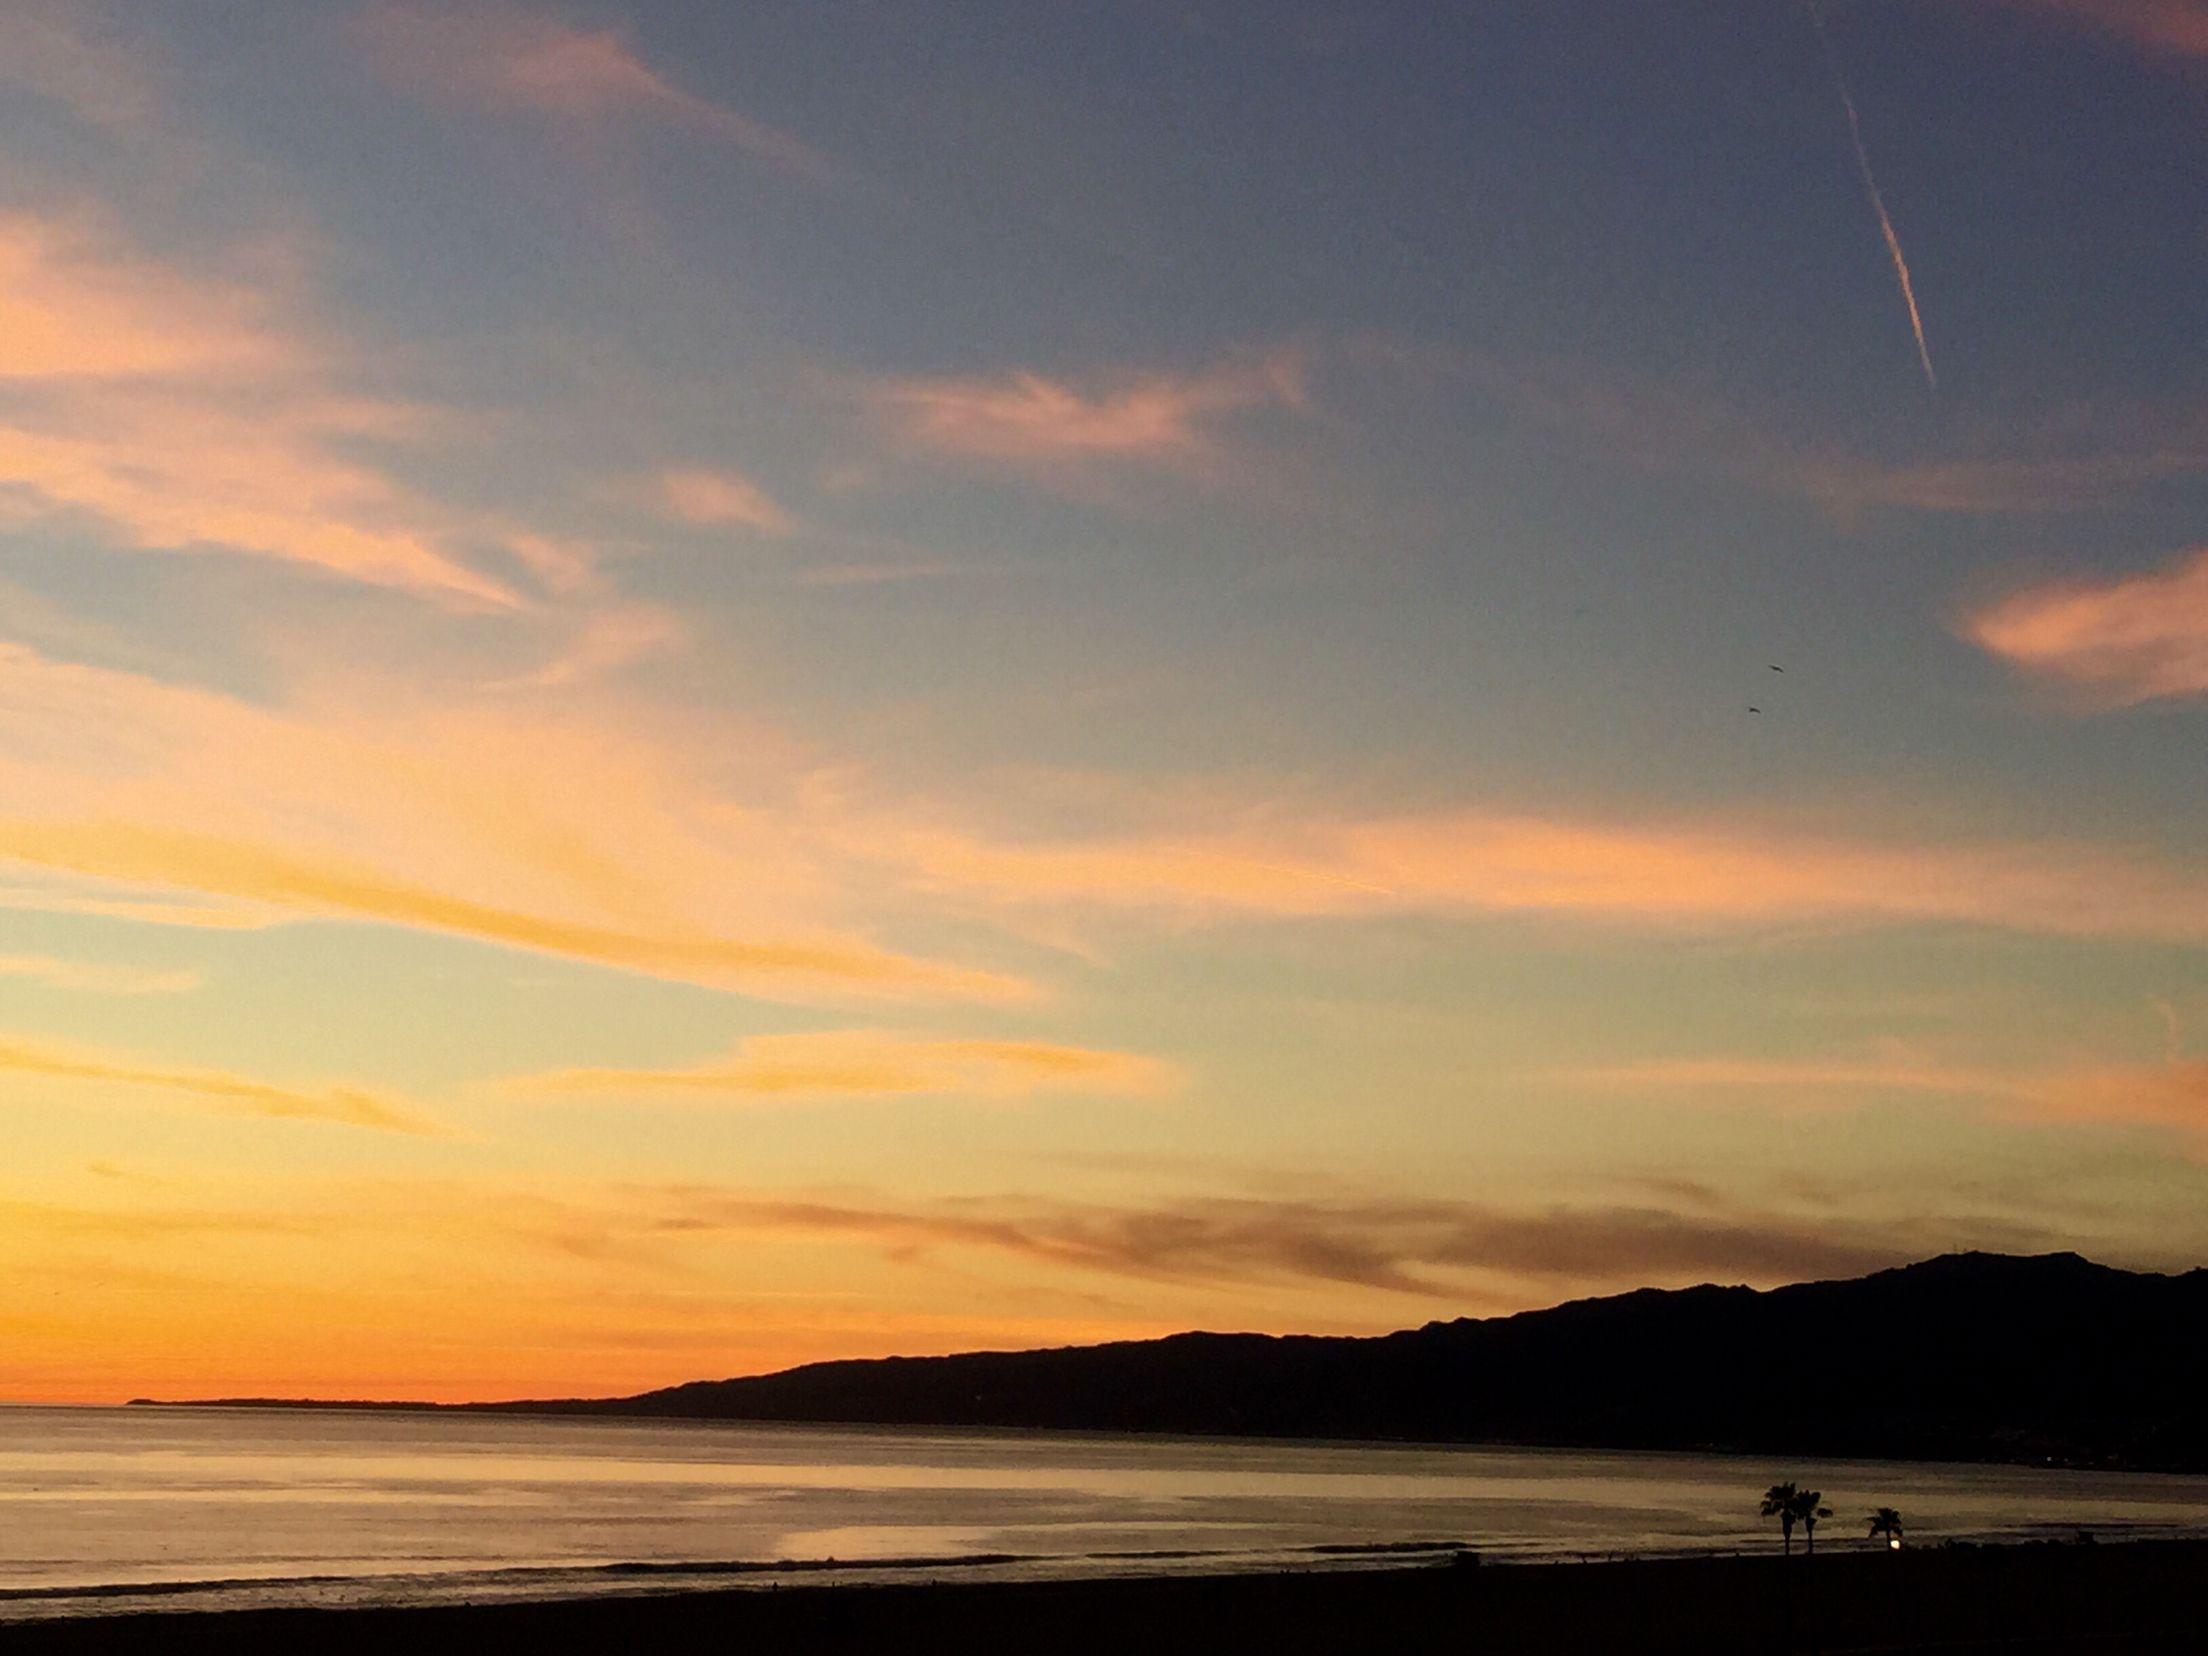 #SantaMonica Bay #Sunset in February 2015